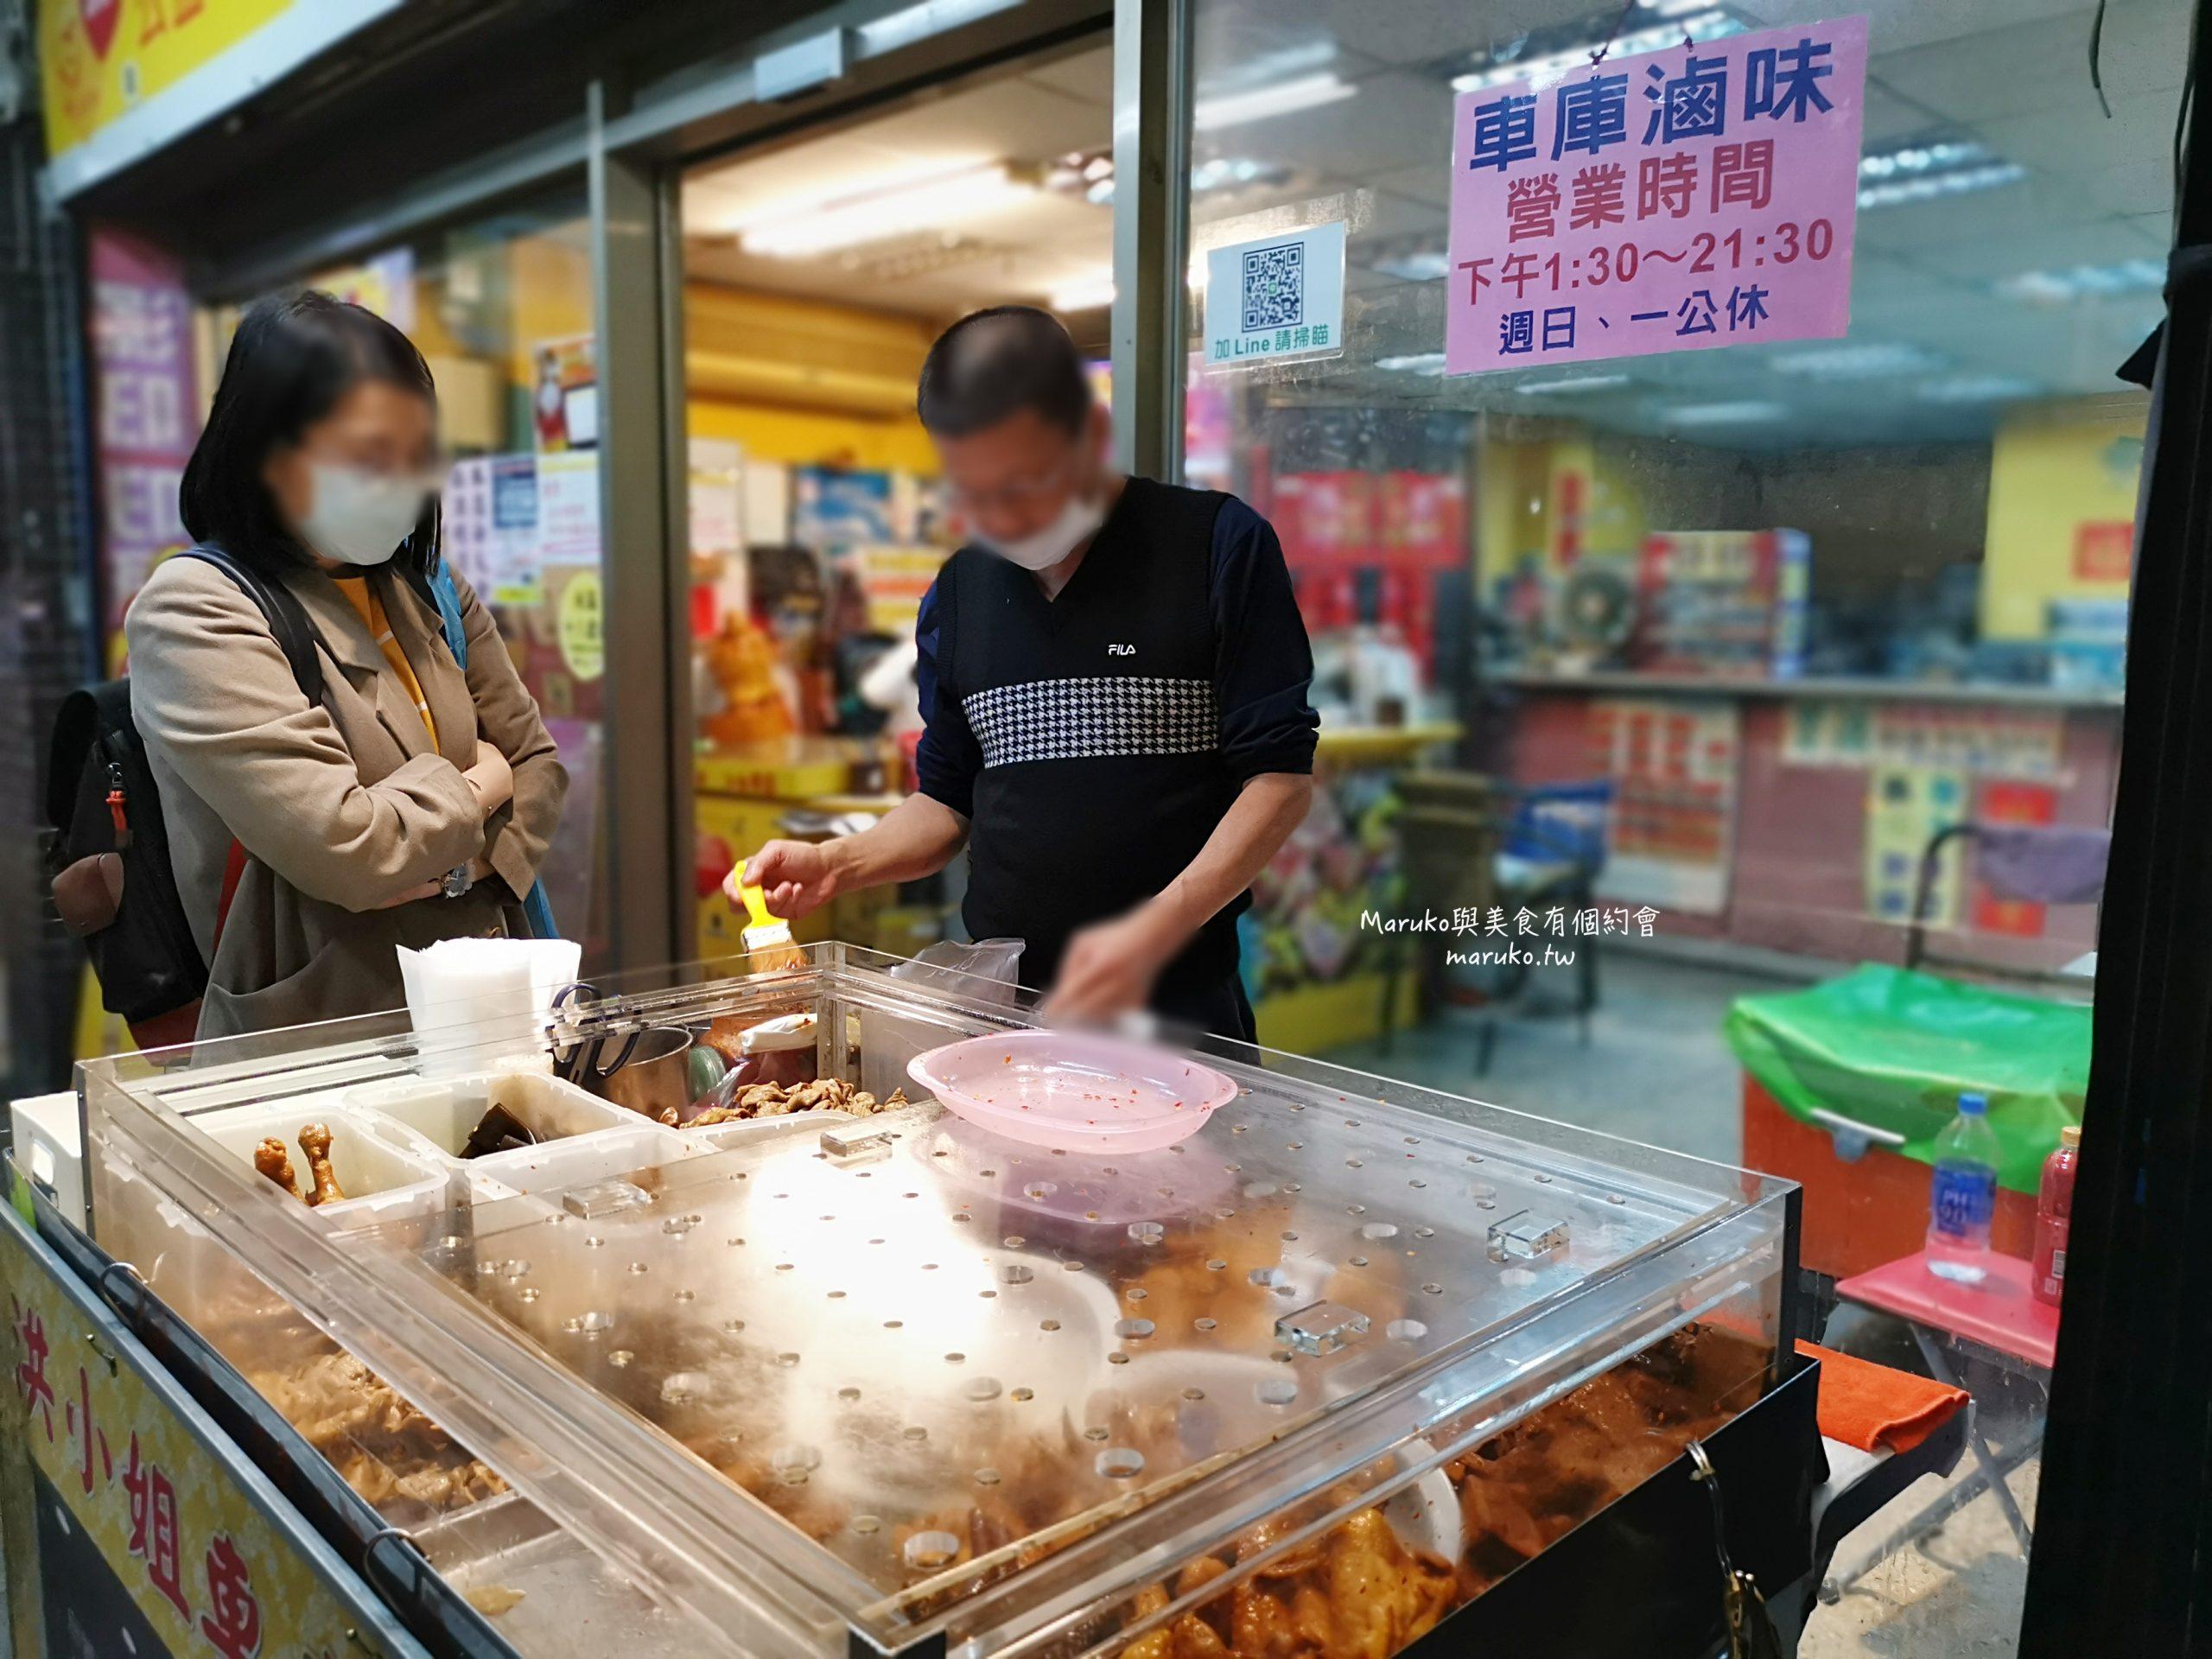 【台北美食】洪小姐滷味|南京西路人氣車庫滷味每一種滷味都是必點 @Maruko與美食有個約會